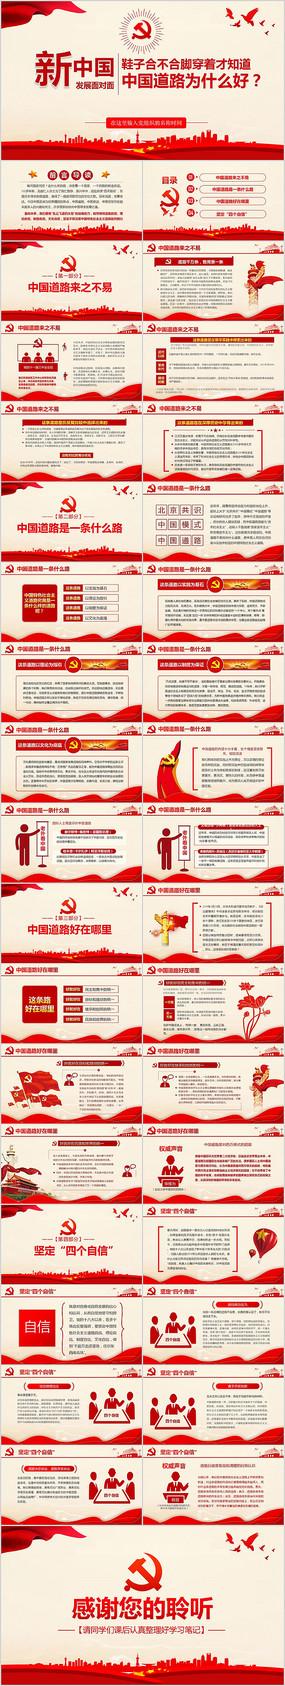 中国道路为什么好不忘初心党课学习PPT